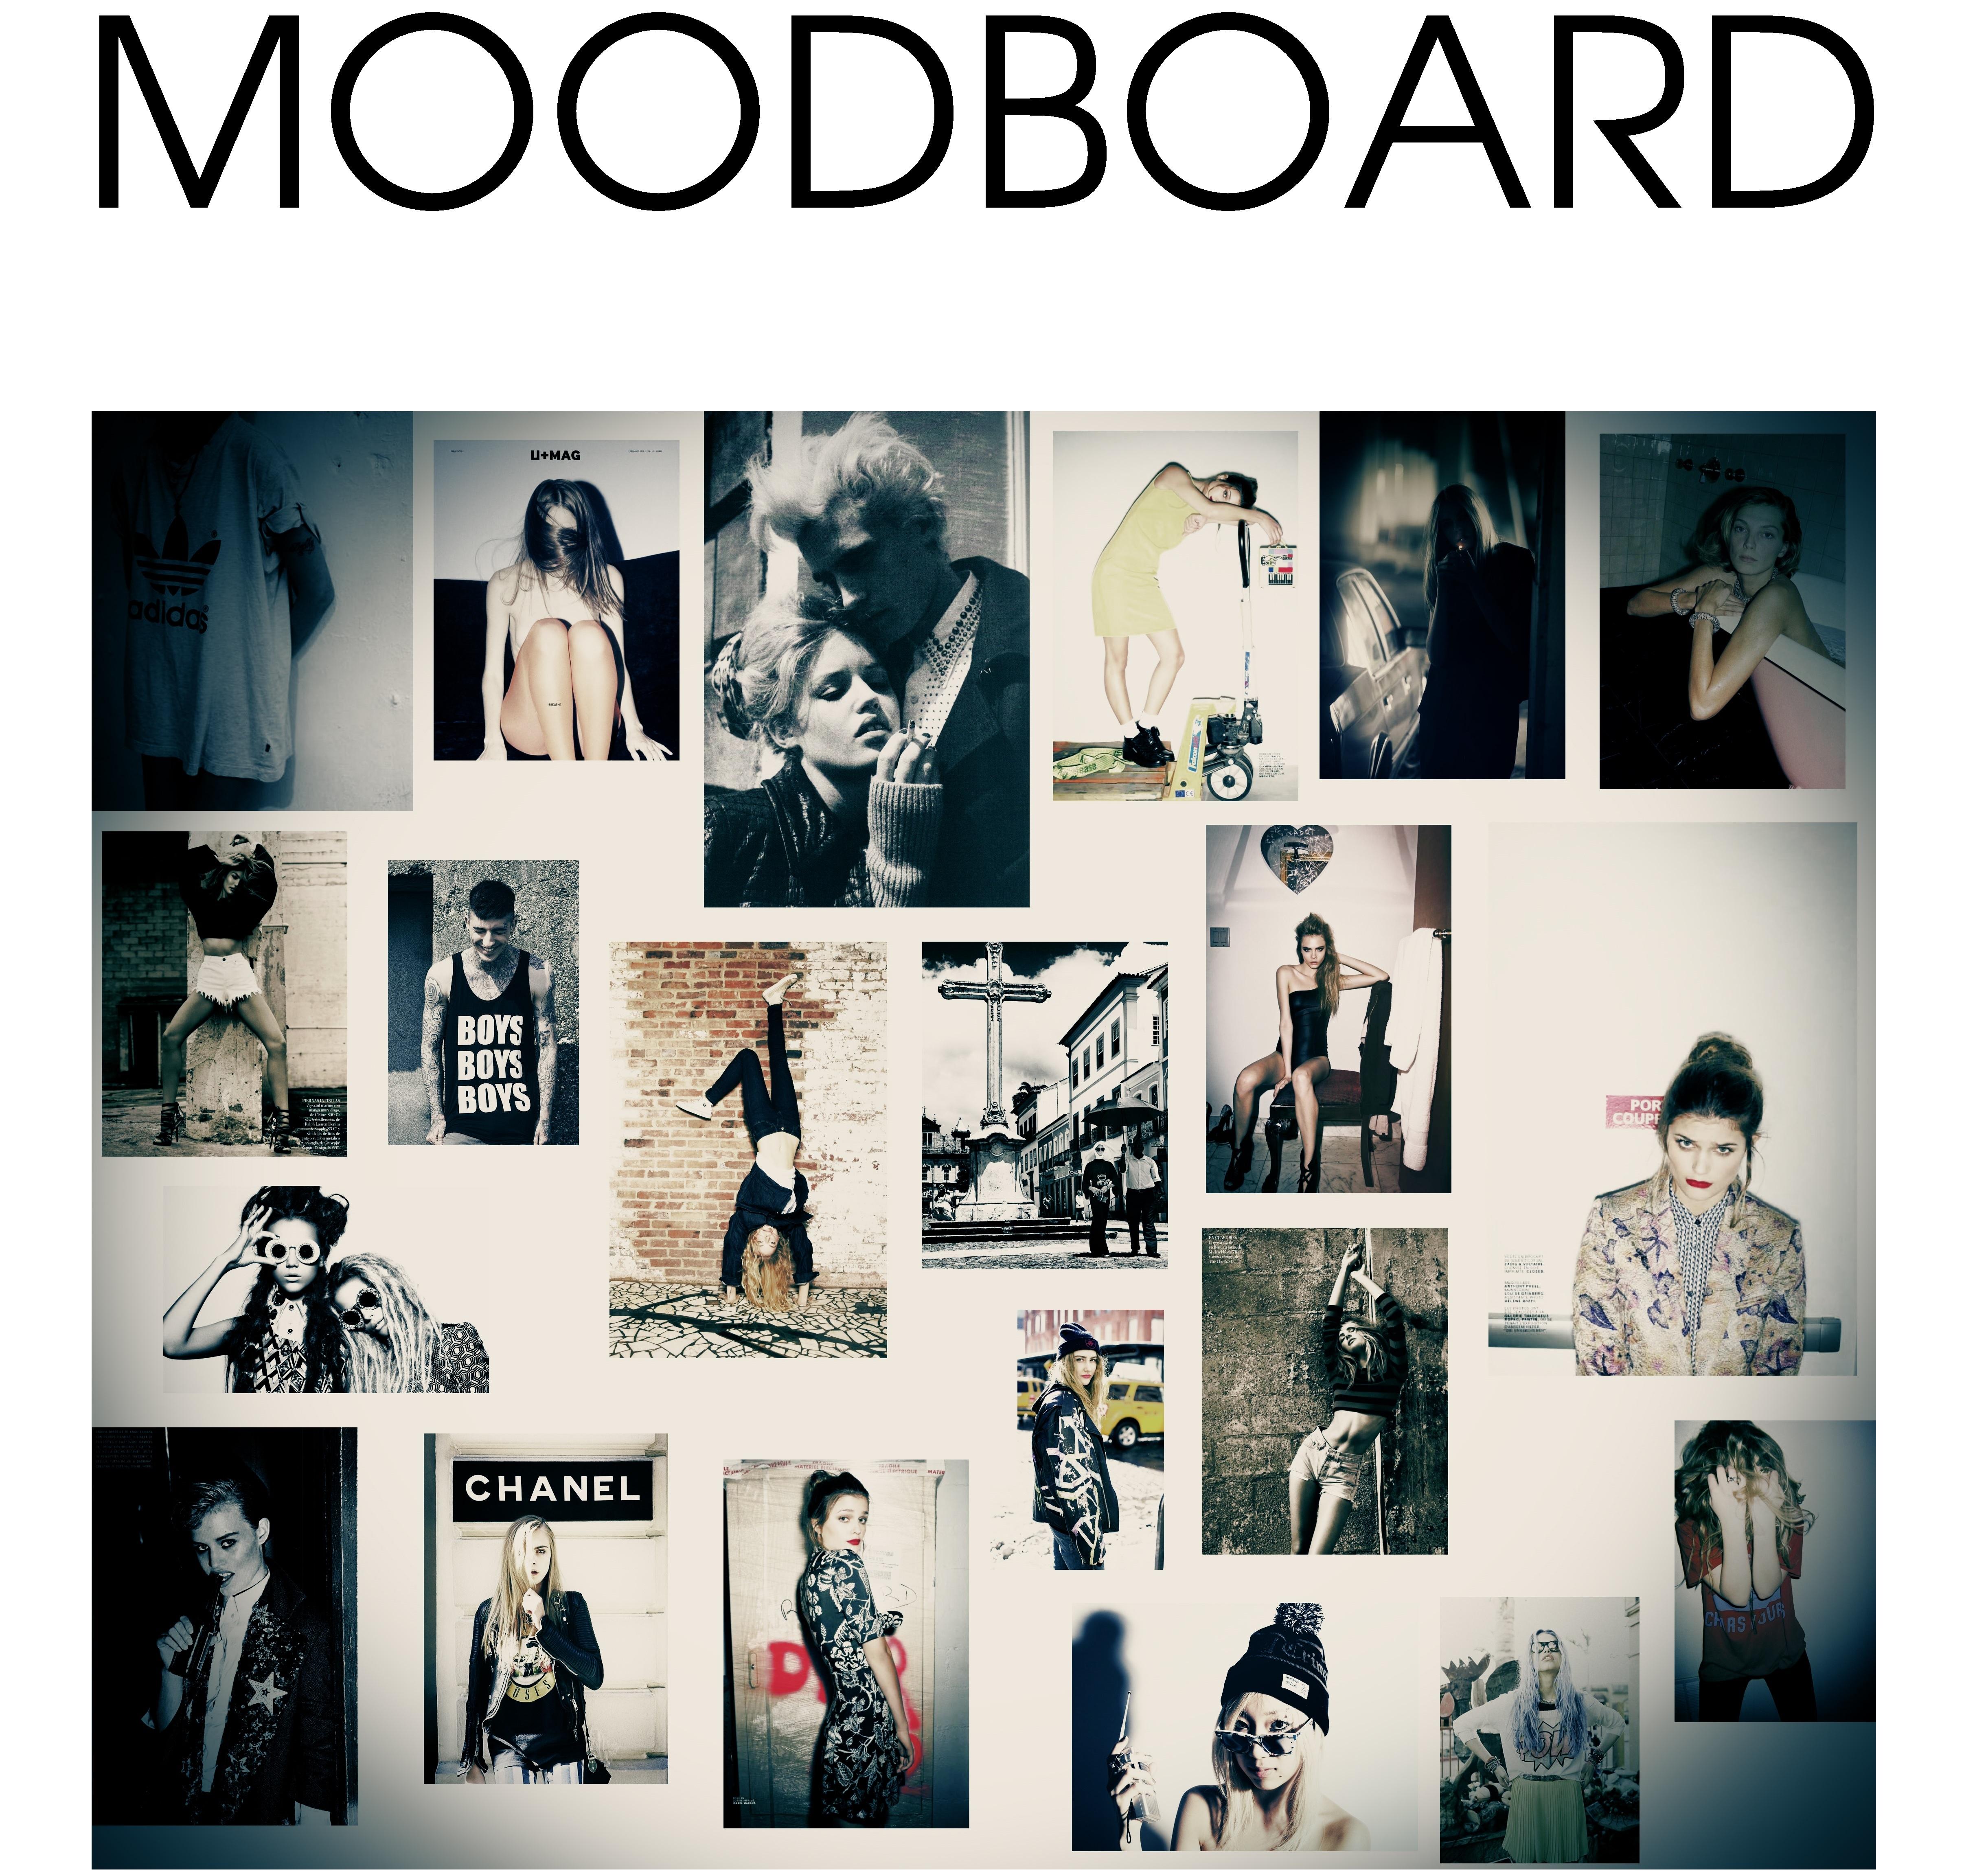 Moodboard The Black Cape